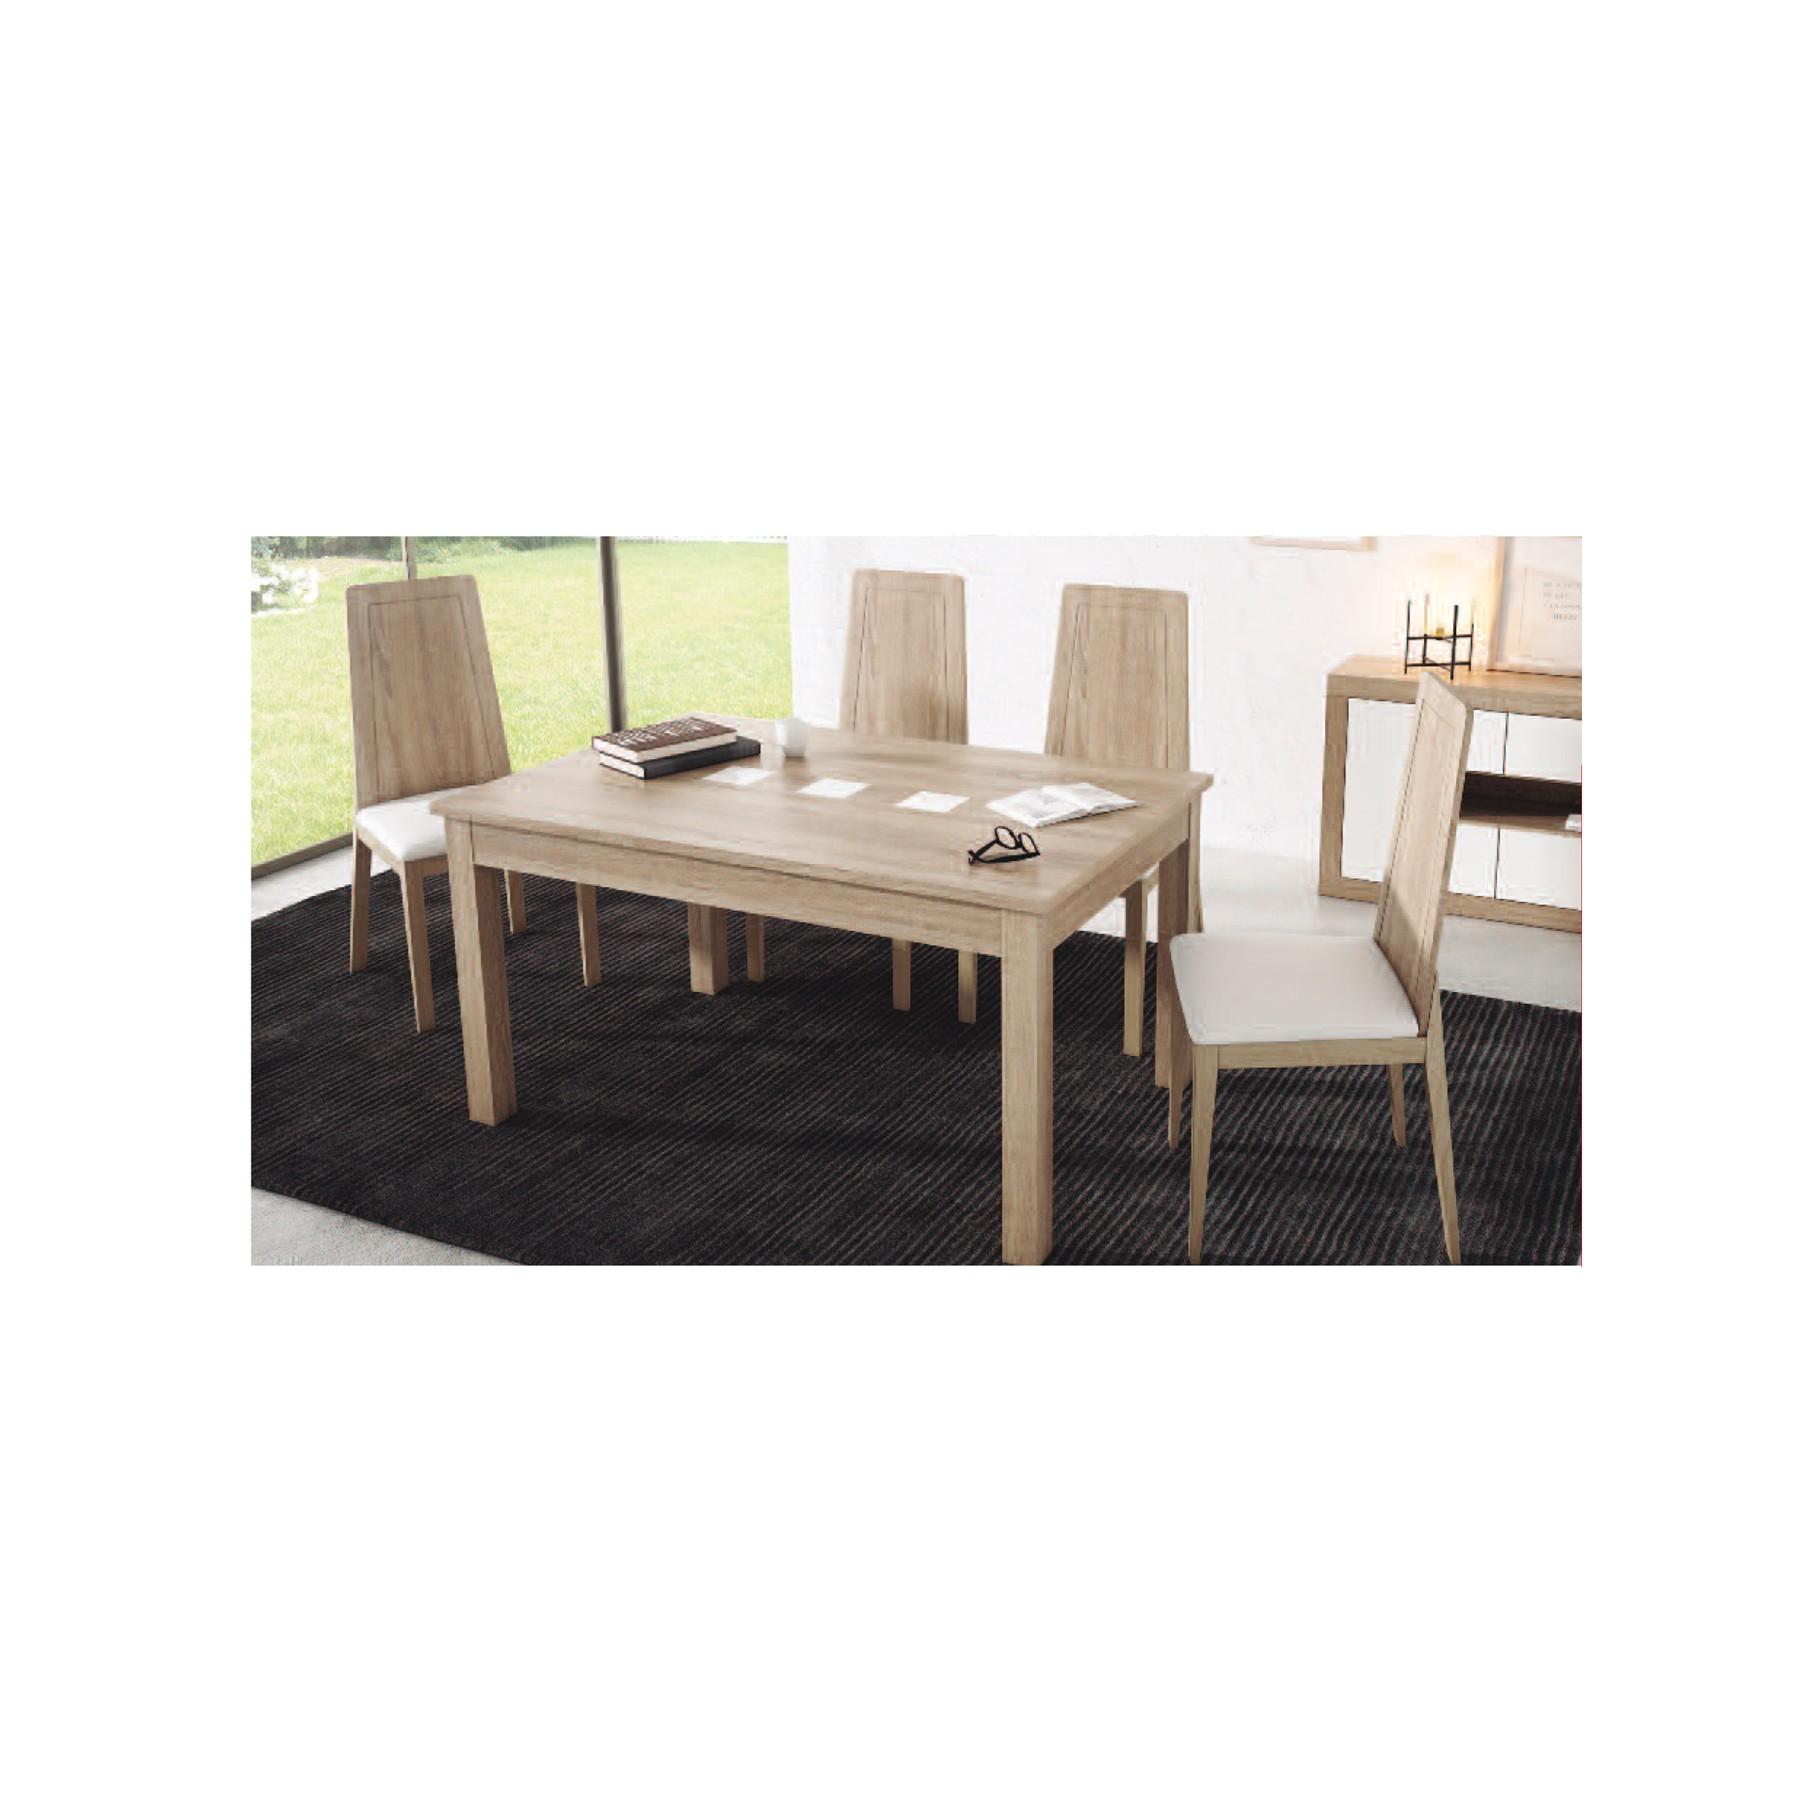 Conjunto mesa extensible y sillas de comedor modelo sada for Conjunto mesa extensible y sillas comedor